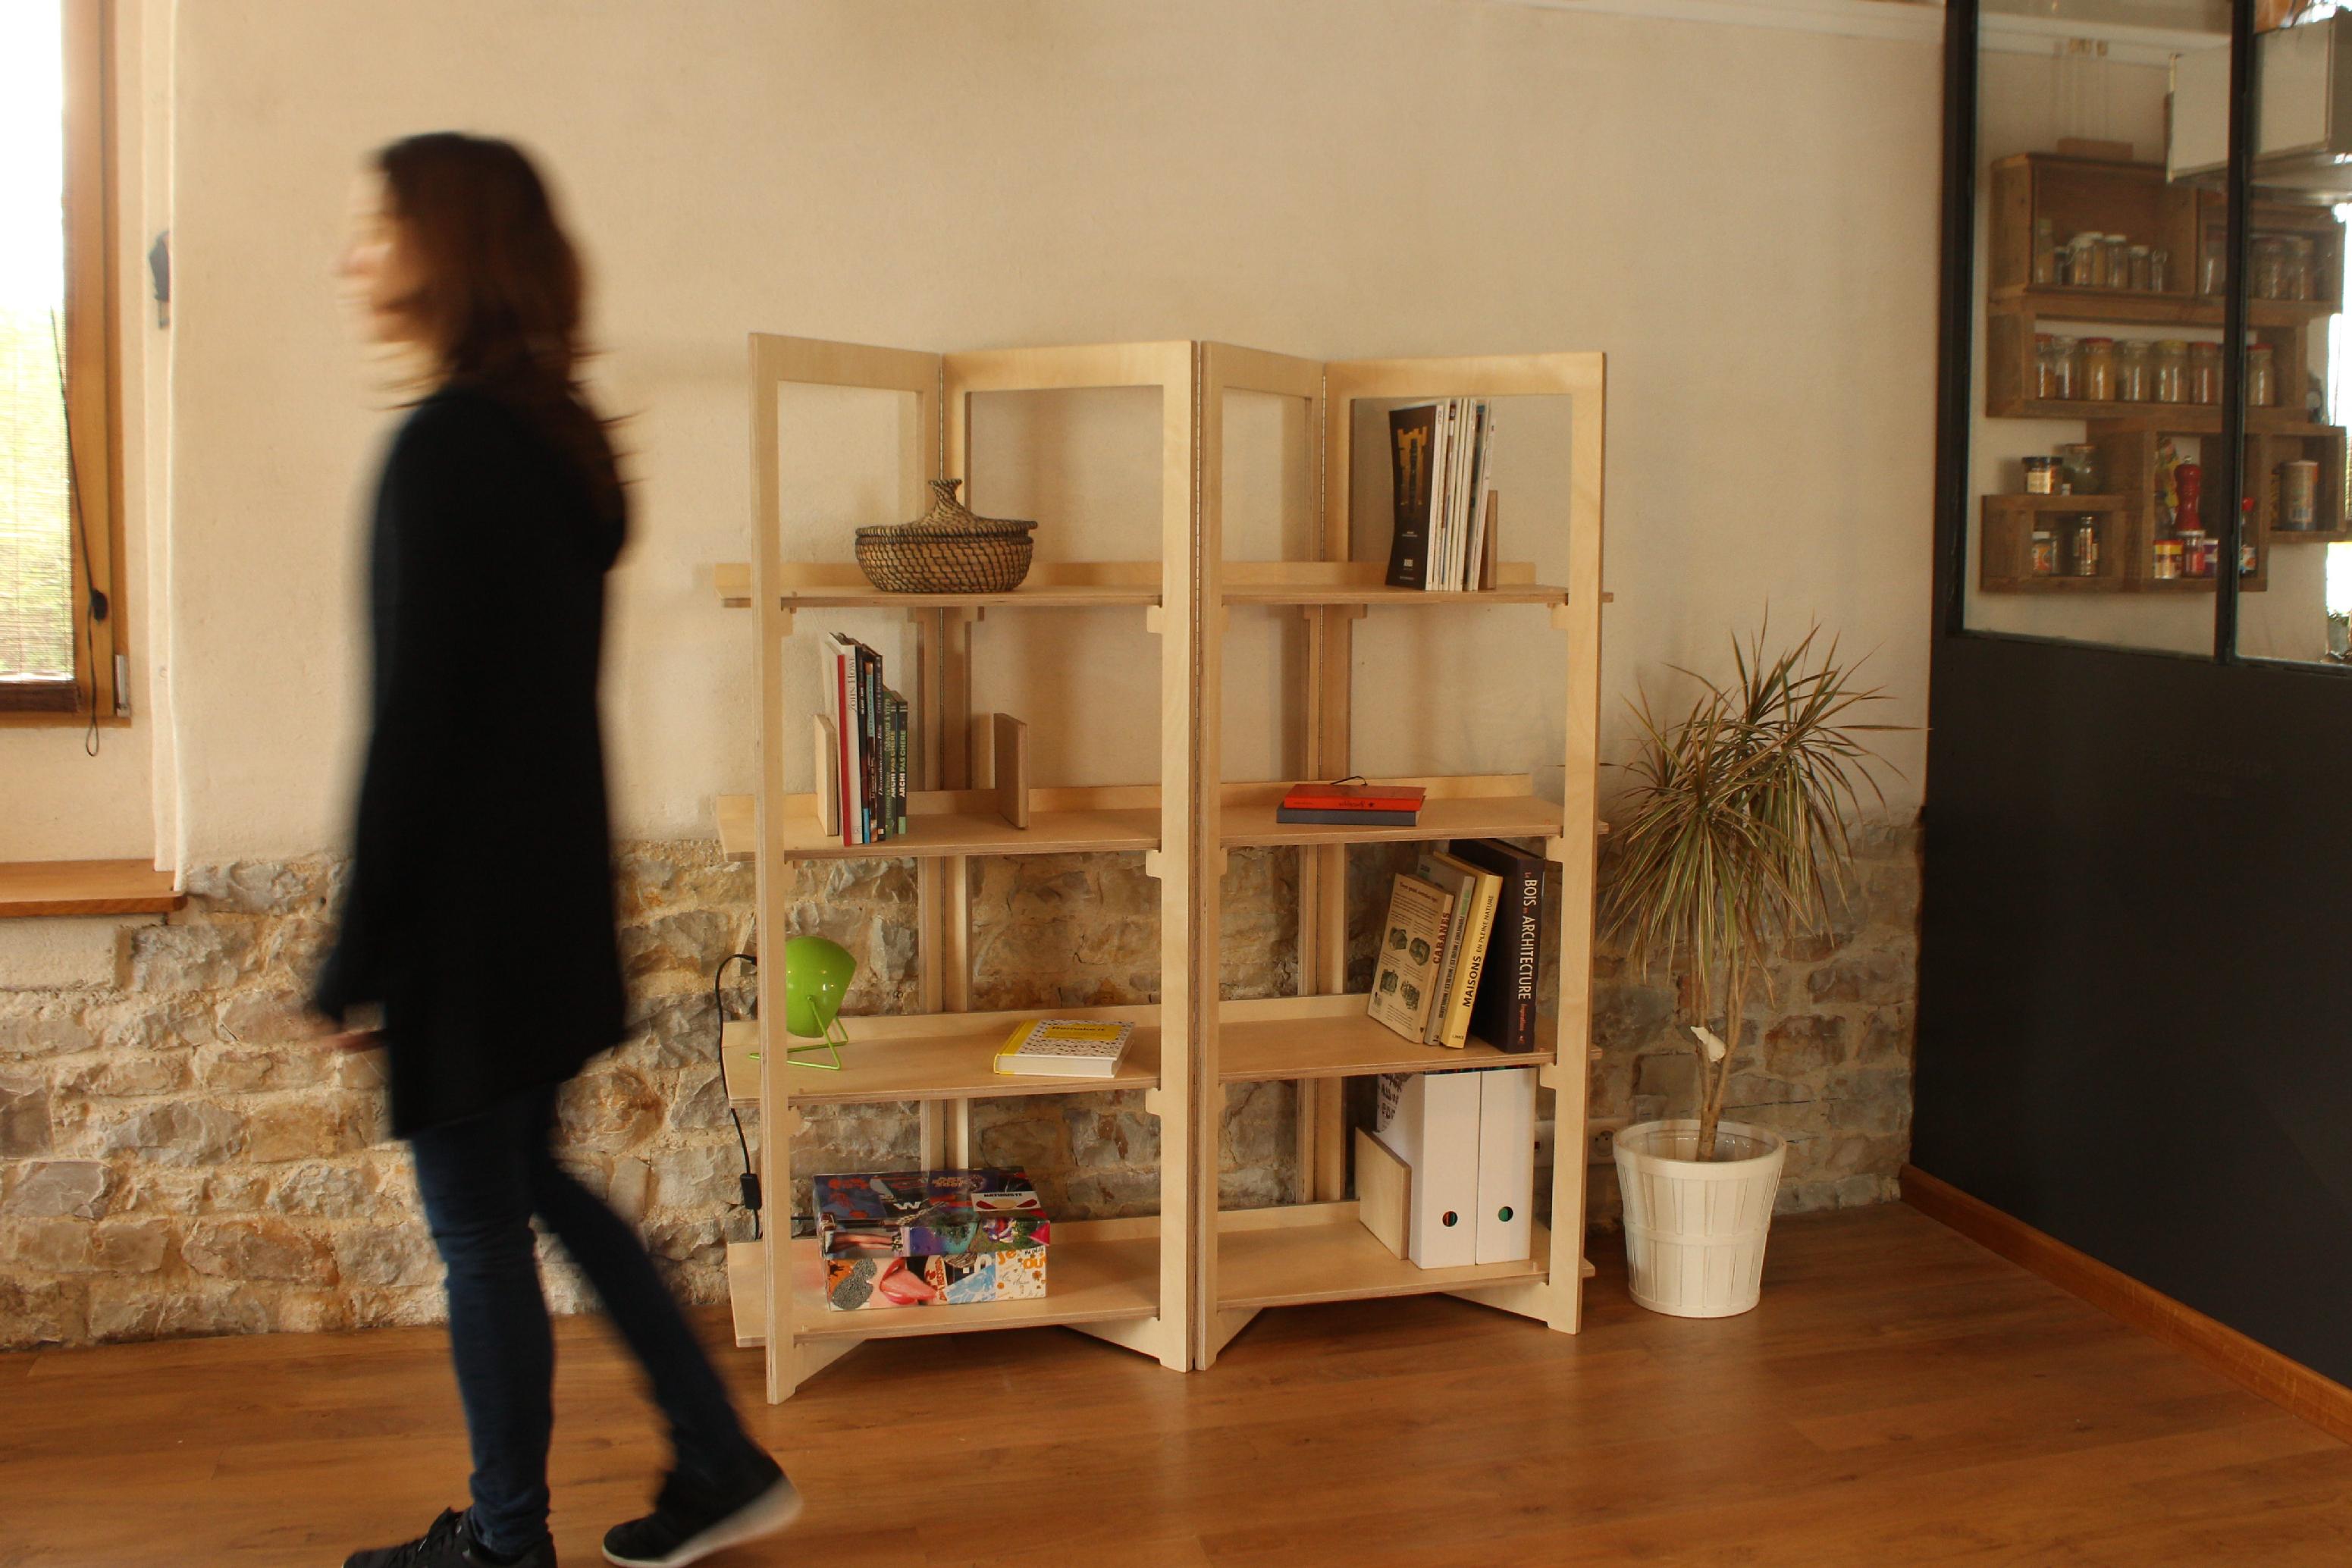 Biblioth Que Pratique Et Design En Bois Openwood # Meuble Bibliotheque Bois